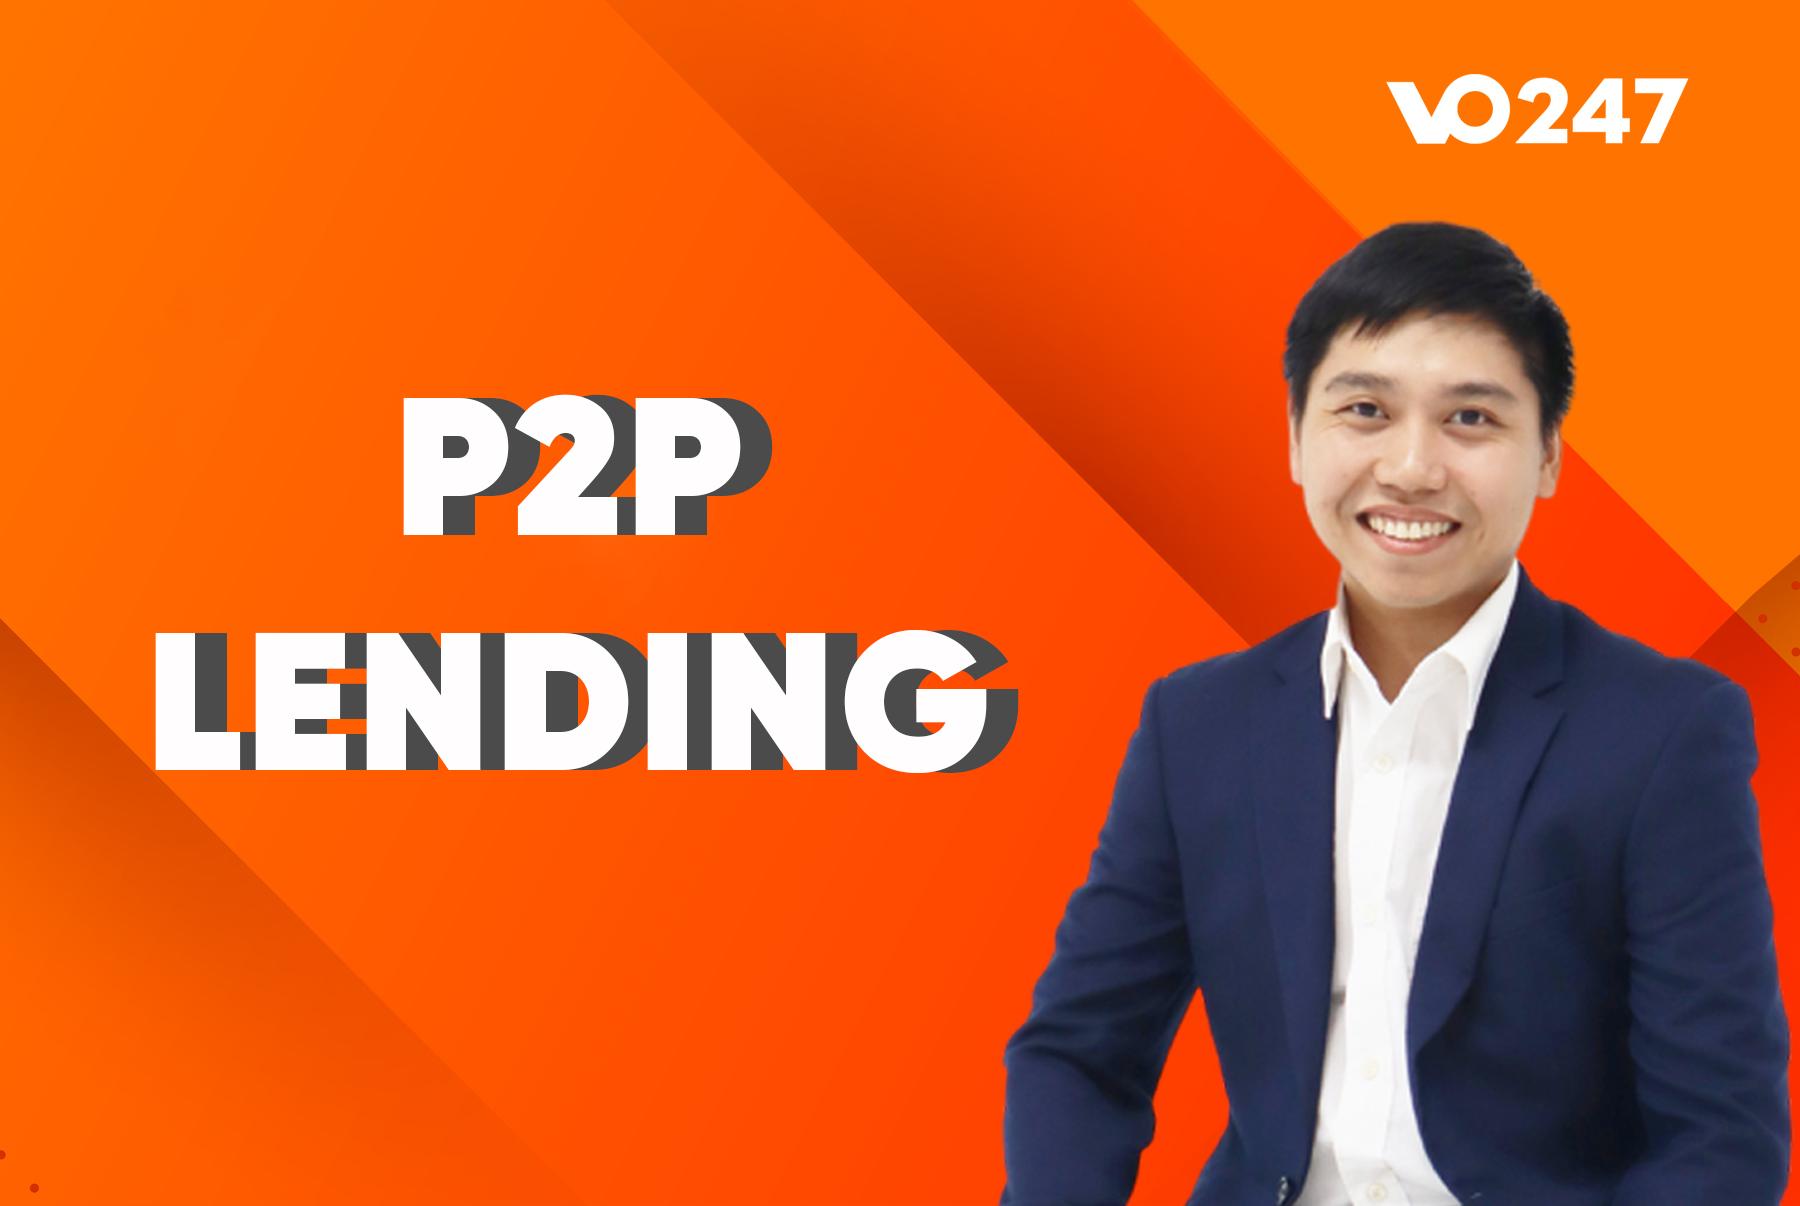 Tại sao mô hình P2P Lending lại có cơ hội tăng trưởng nhanh ở Việt Nam? - Ảnh 1.